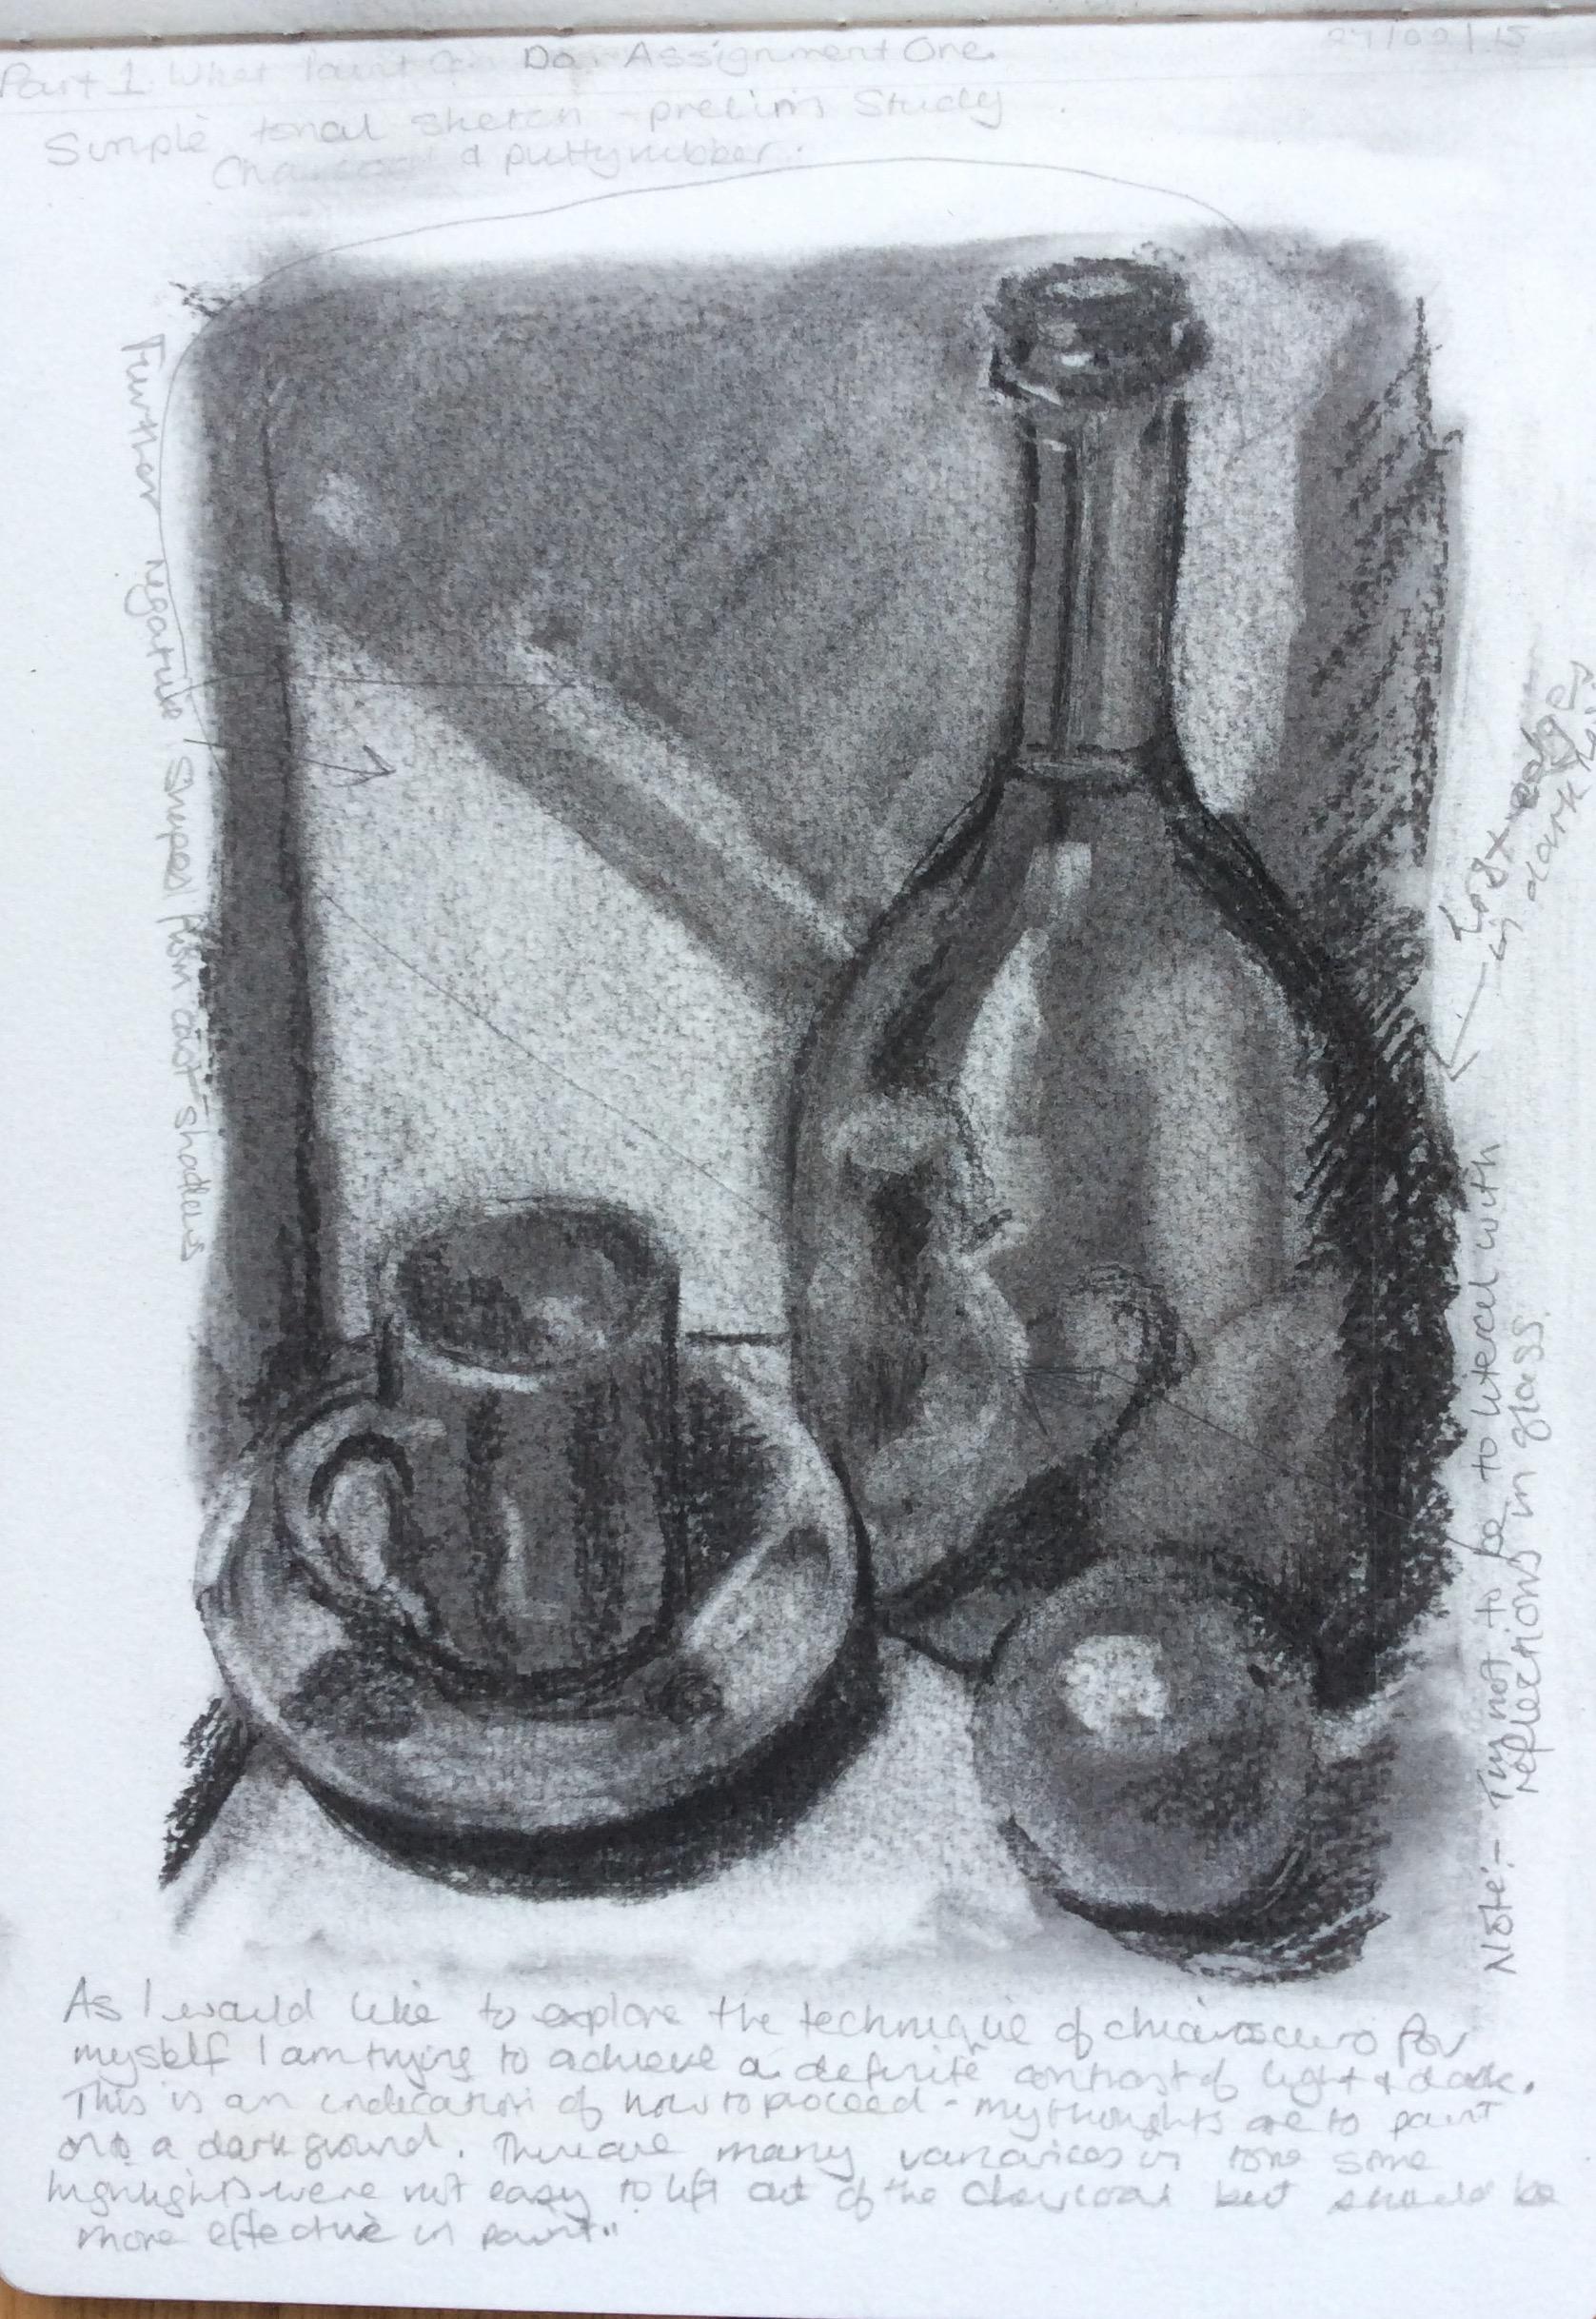 Drawn candle tonal In in 1 drawing chiaroscuro